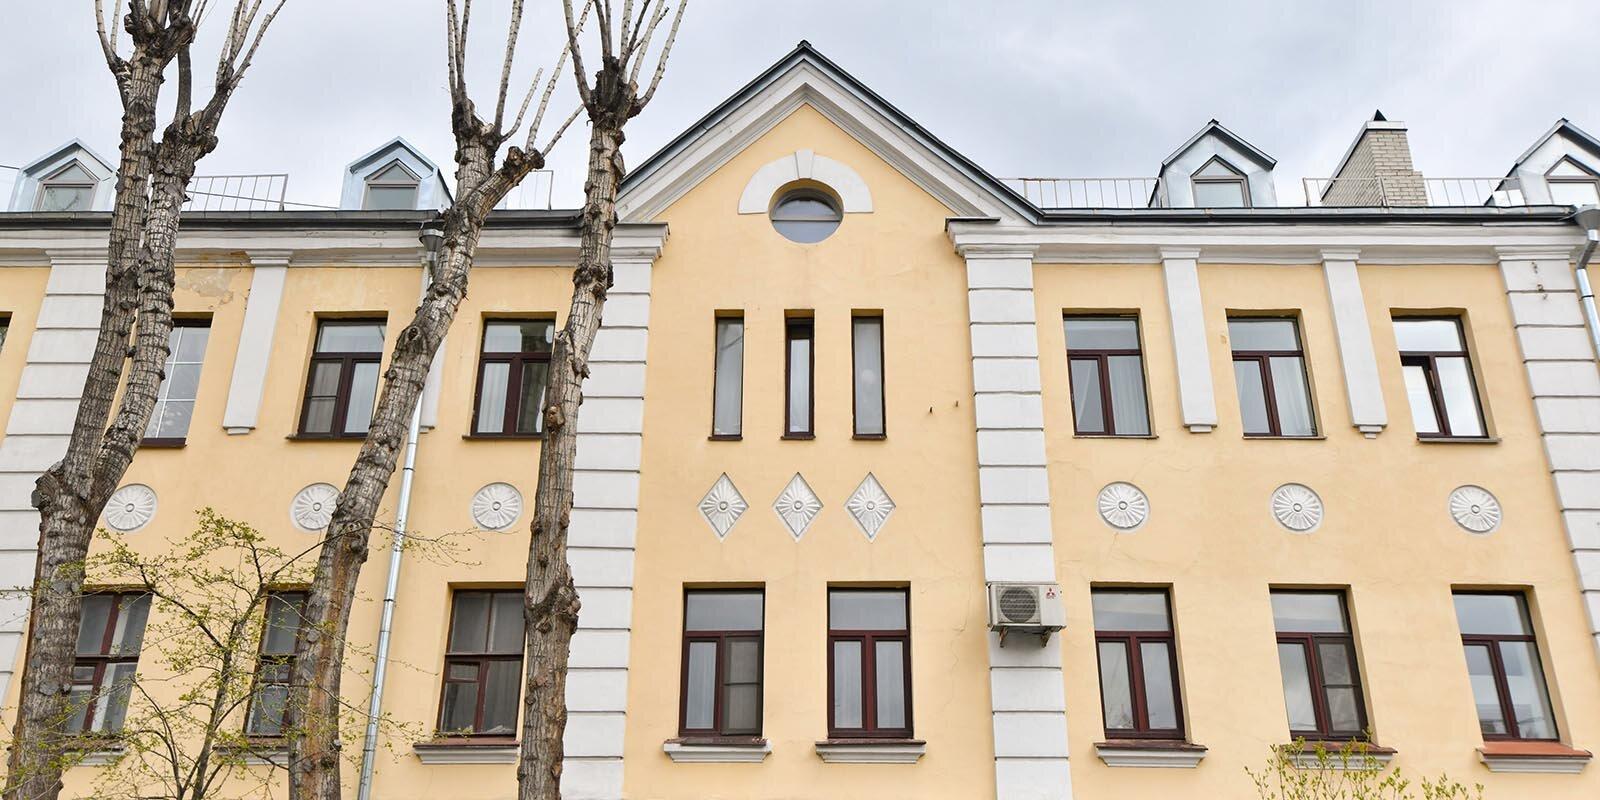 Фасад усадьбы XVIII века на Большой Ордынке отремонтируют